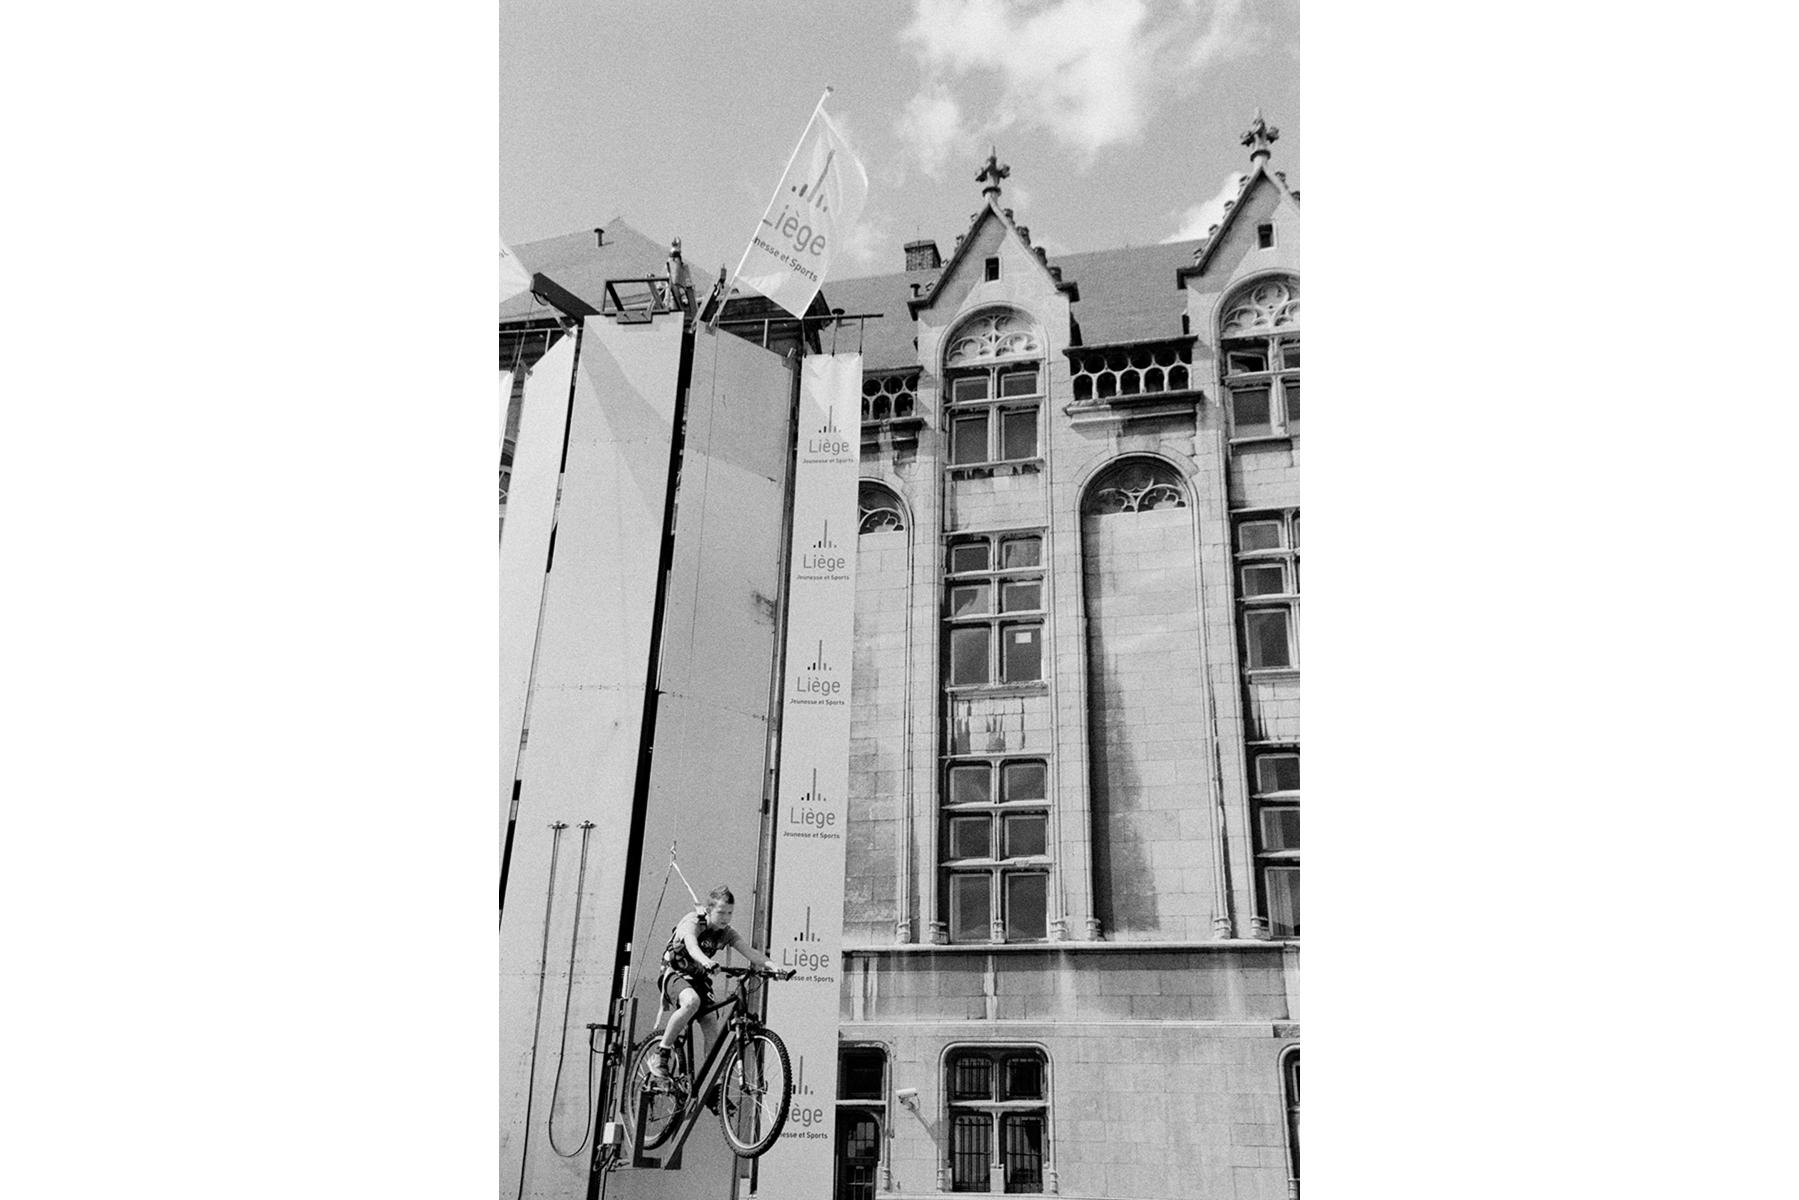 Le Tour de France 2012 The 'Grand Départ' of the 2012 Tour de France begins with a 6.4km time trial around the streets of Liège in Belgium. Le 'Grand Départ' du Tour de France 2012 commence par un contre-la-montre de 6,4 km dans les rues de Liège, en Belgique. Der 'Grand Départ': Die Tour de France 2012 startet mit einem 6,4 km langen Einzelzeitfahren im belgischen Lüttich.